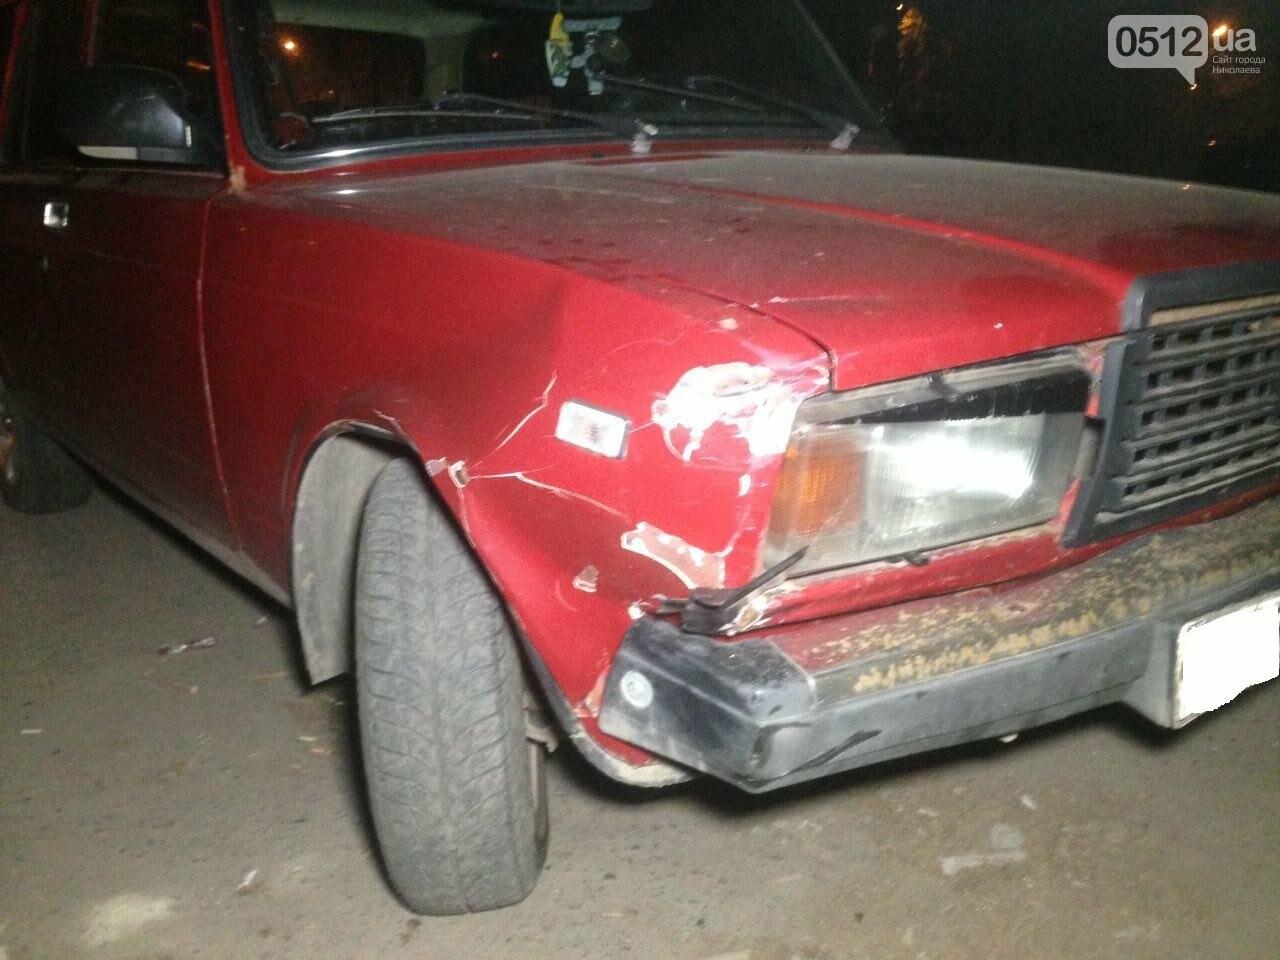 В Николаеве пьяный мотоциклист на большой скорости въехал в легковушку: есть пострадавшие, - ФОТО , фото-7